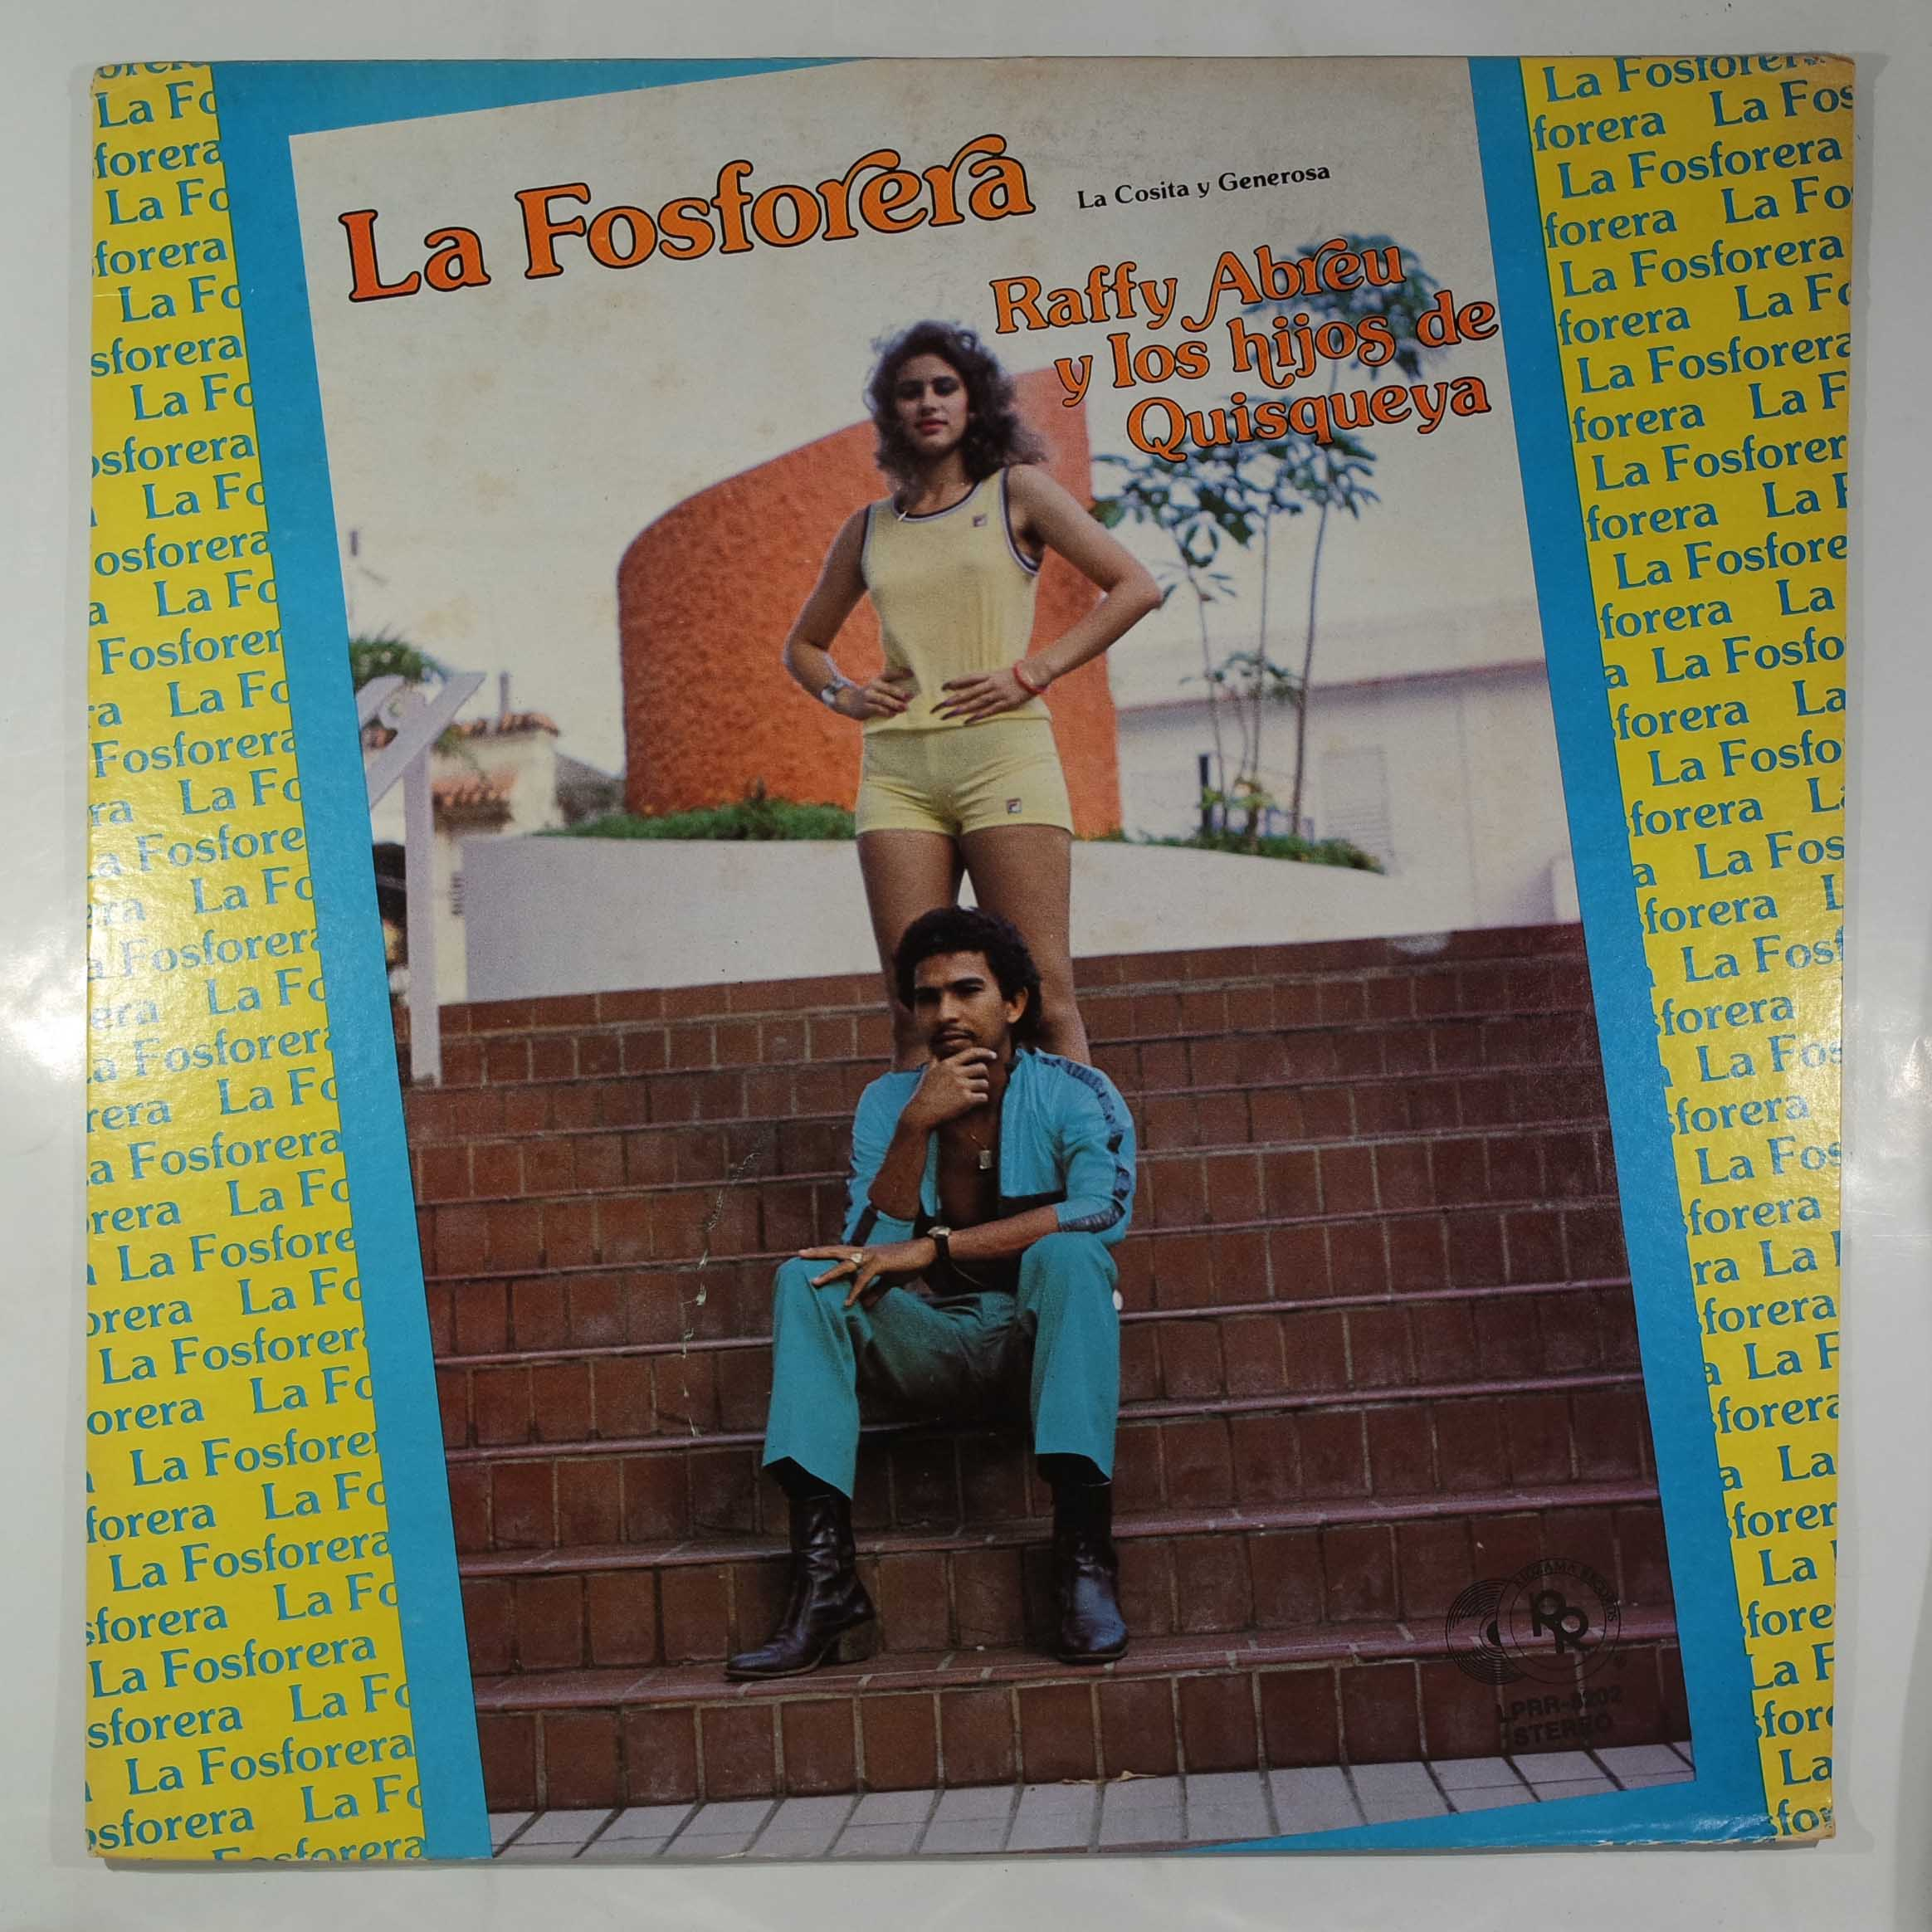 RAFFY ABREU Y LOS HIJOS DE QUISQUEYA - La Fosforera - LP